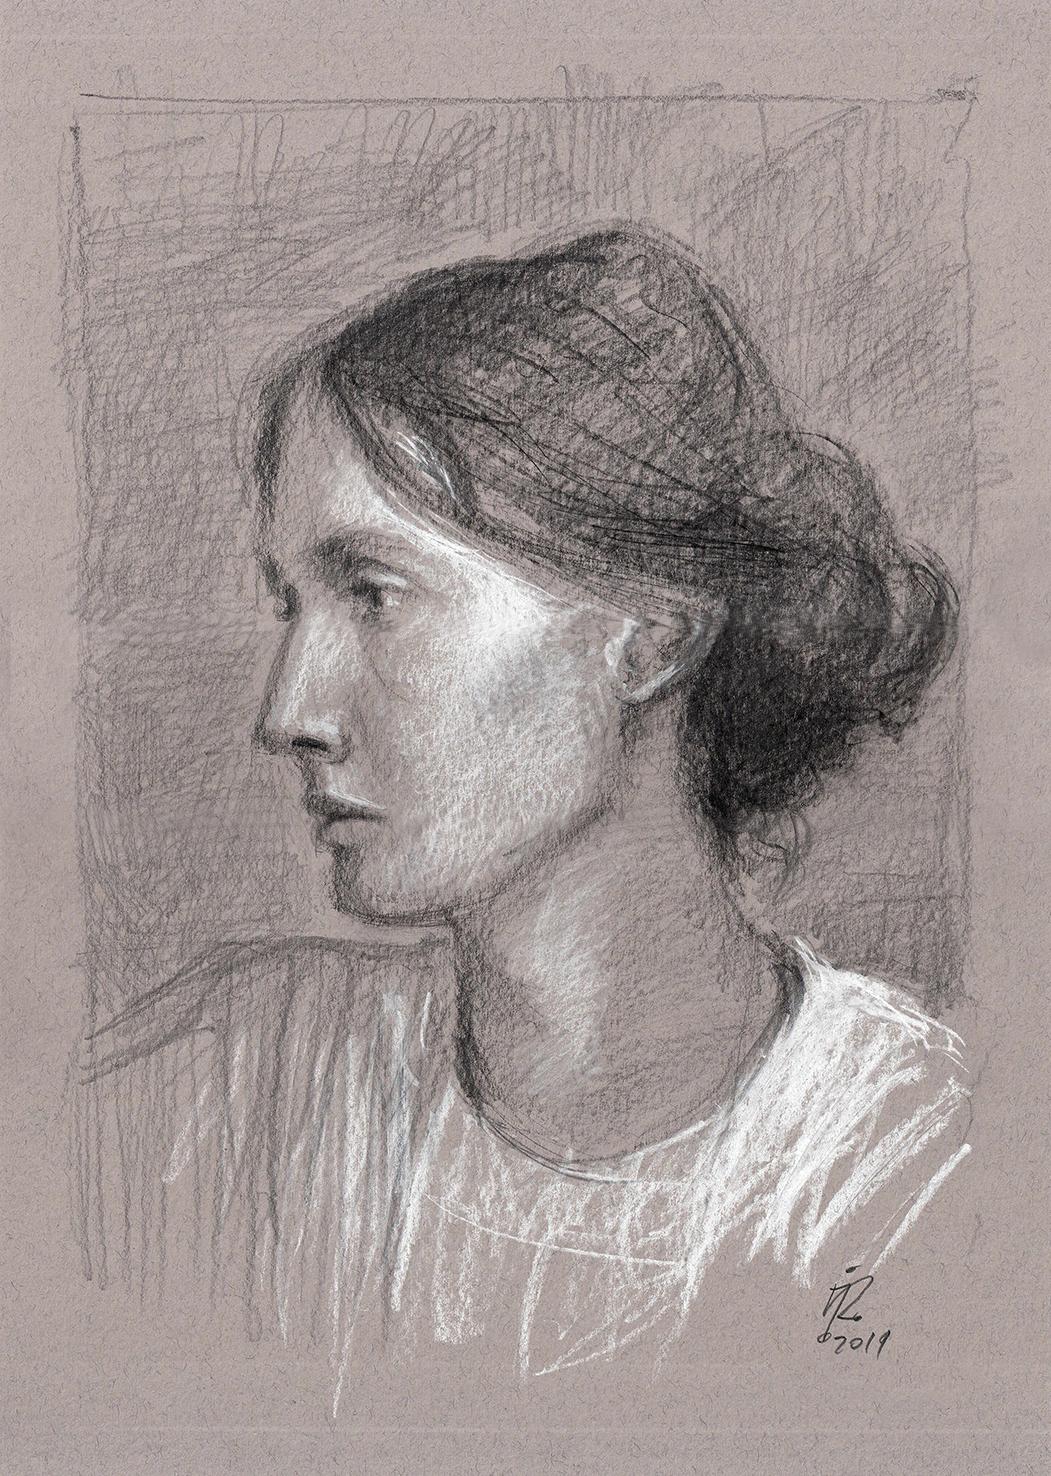 V WOOLF portrait